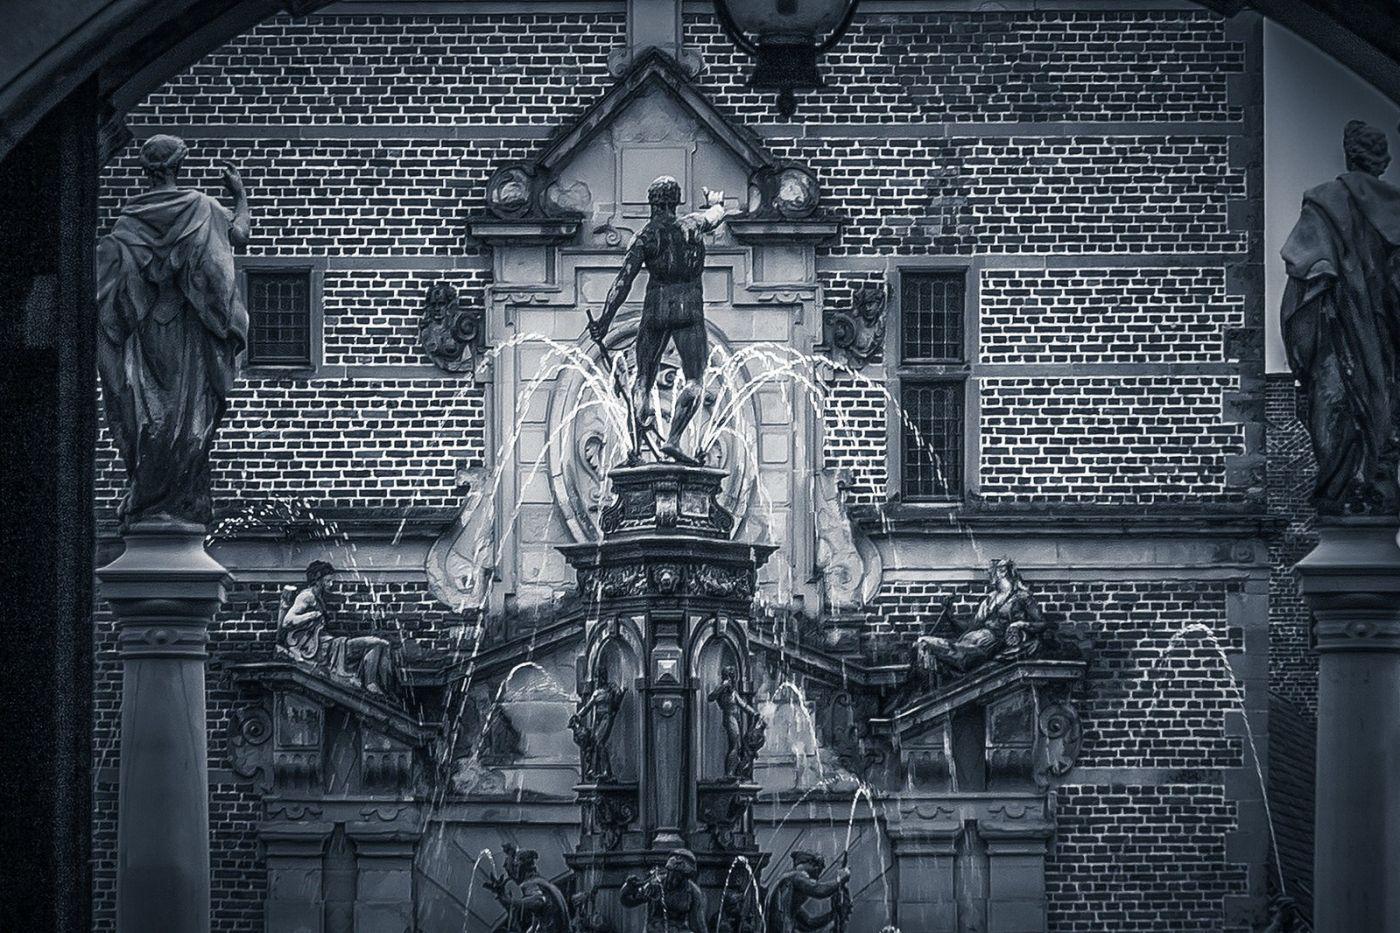 丹麦腓特烈堡城堡,回看历史_图1-29